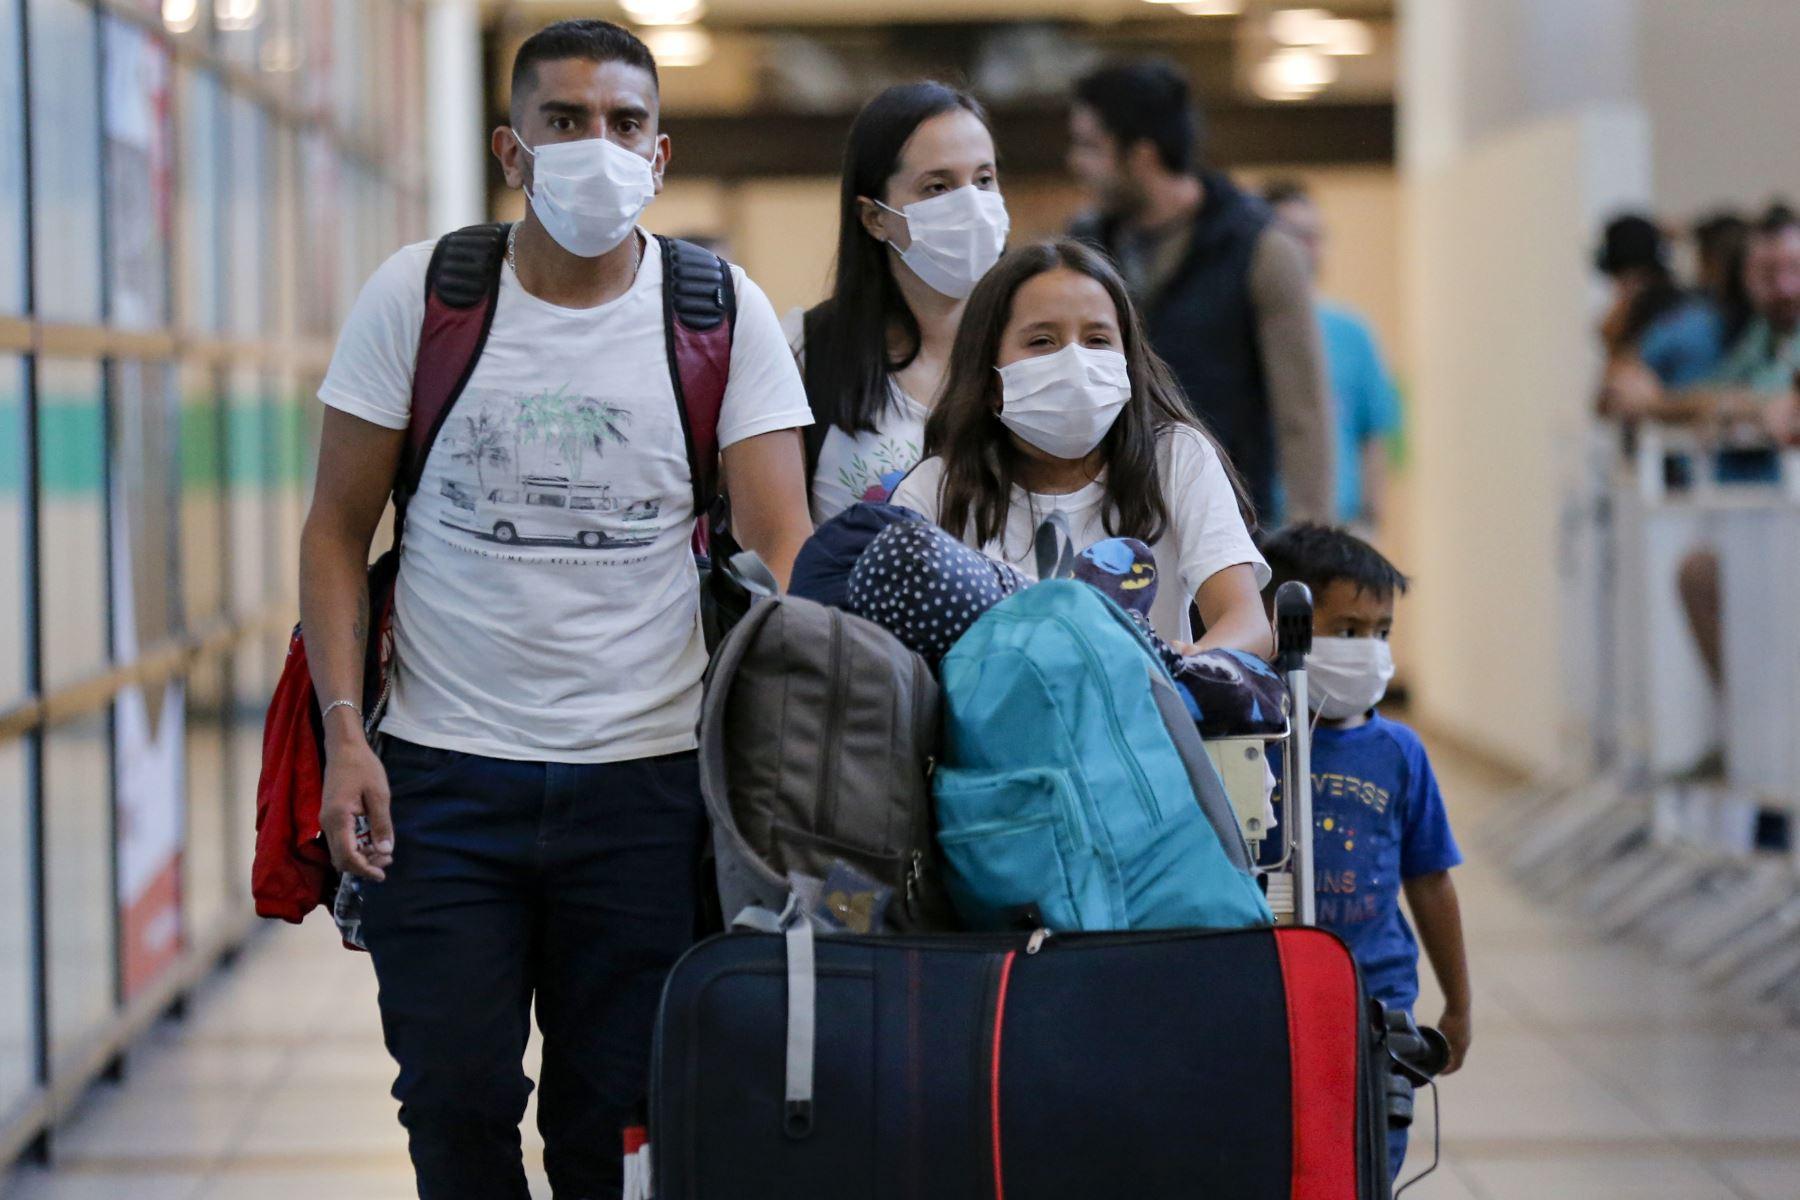 Pasajeros caminan con máscaras protectoras como medida preventiva contra la propagación del coronavirus COVID-19, en el Aeropuerto de Santiago de Chile. Foto: AFP